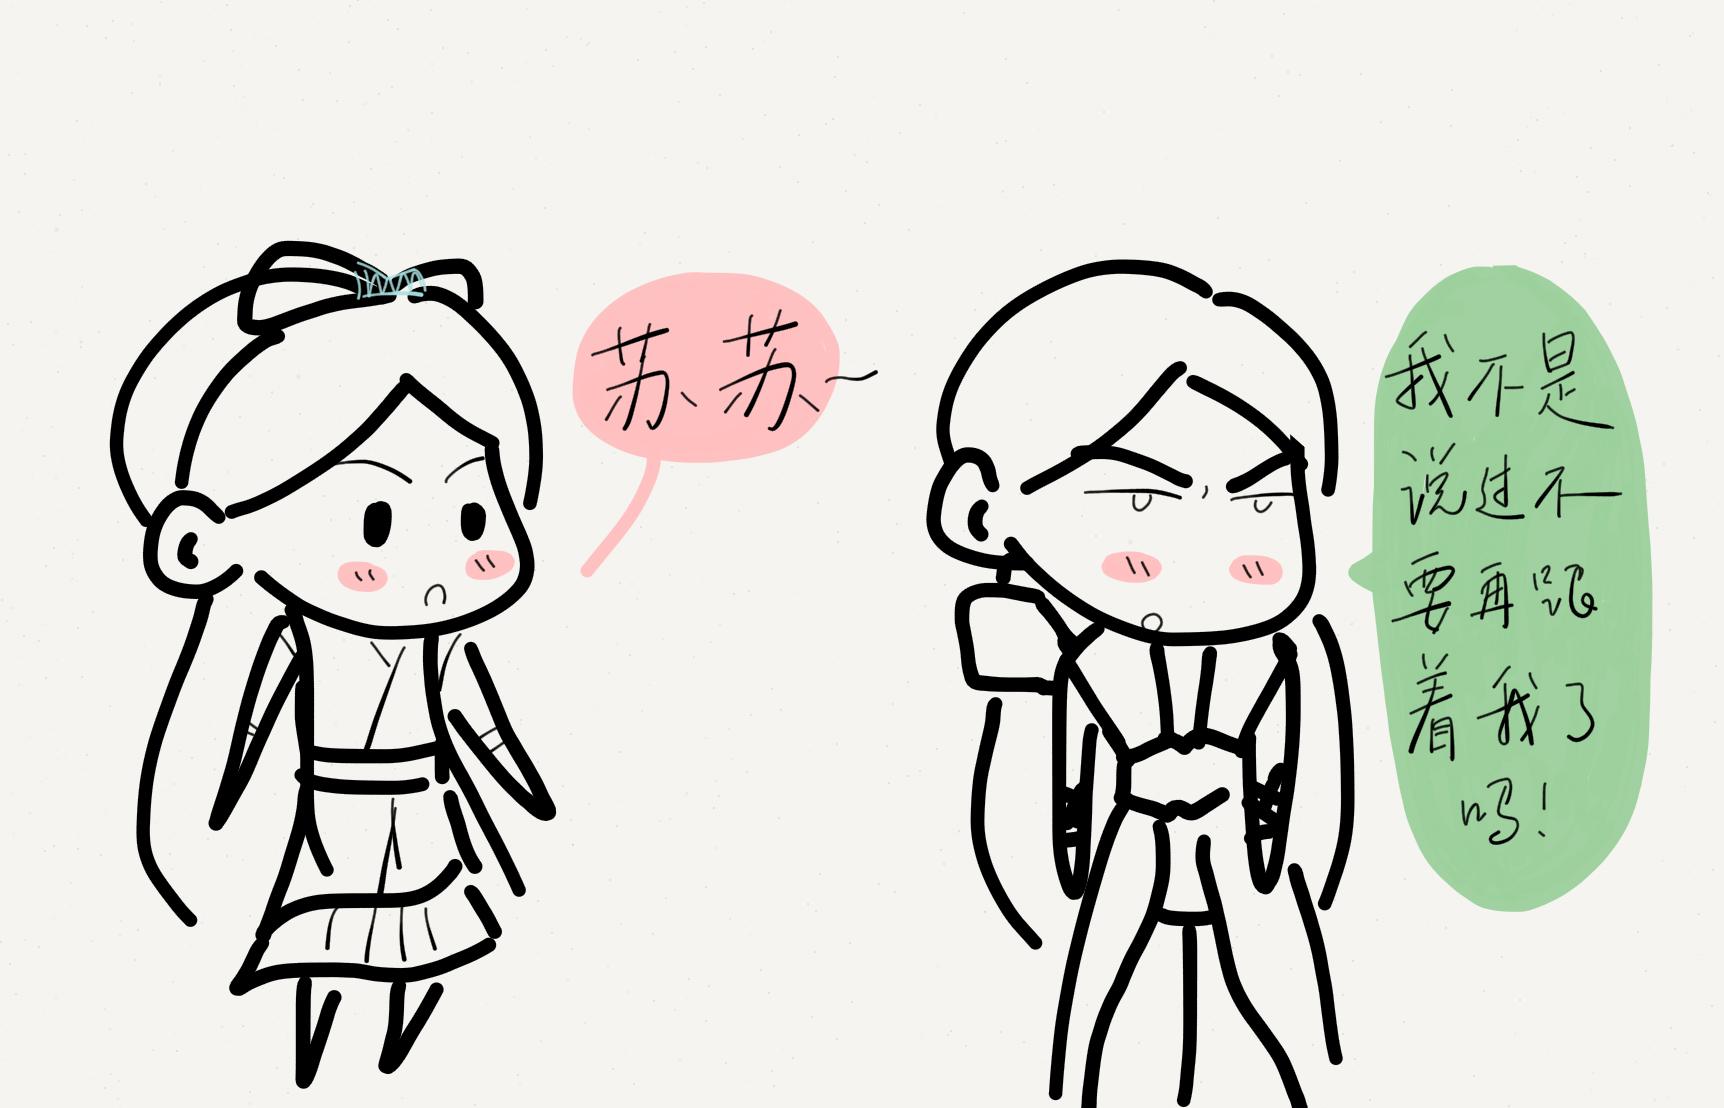 动漫 简笔画 卡通 漫画 手绘 头像 线稿 1724_1108